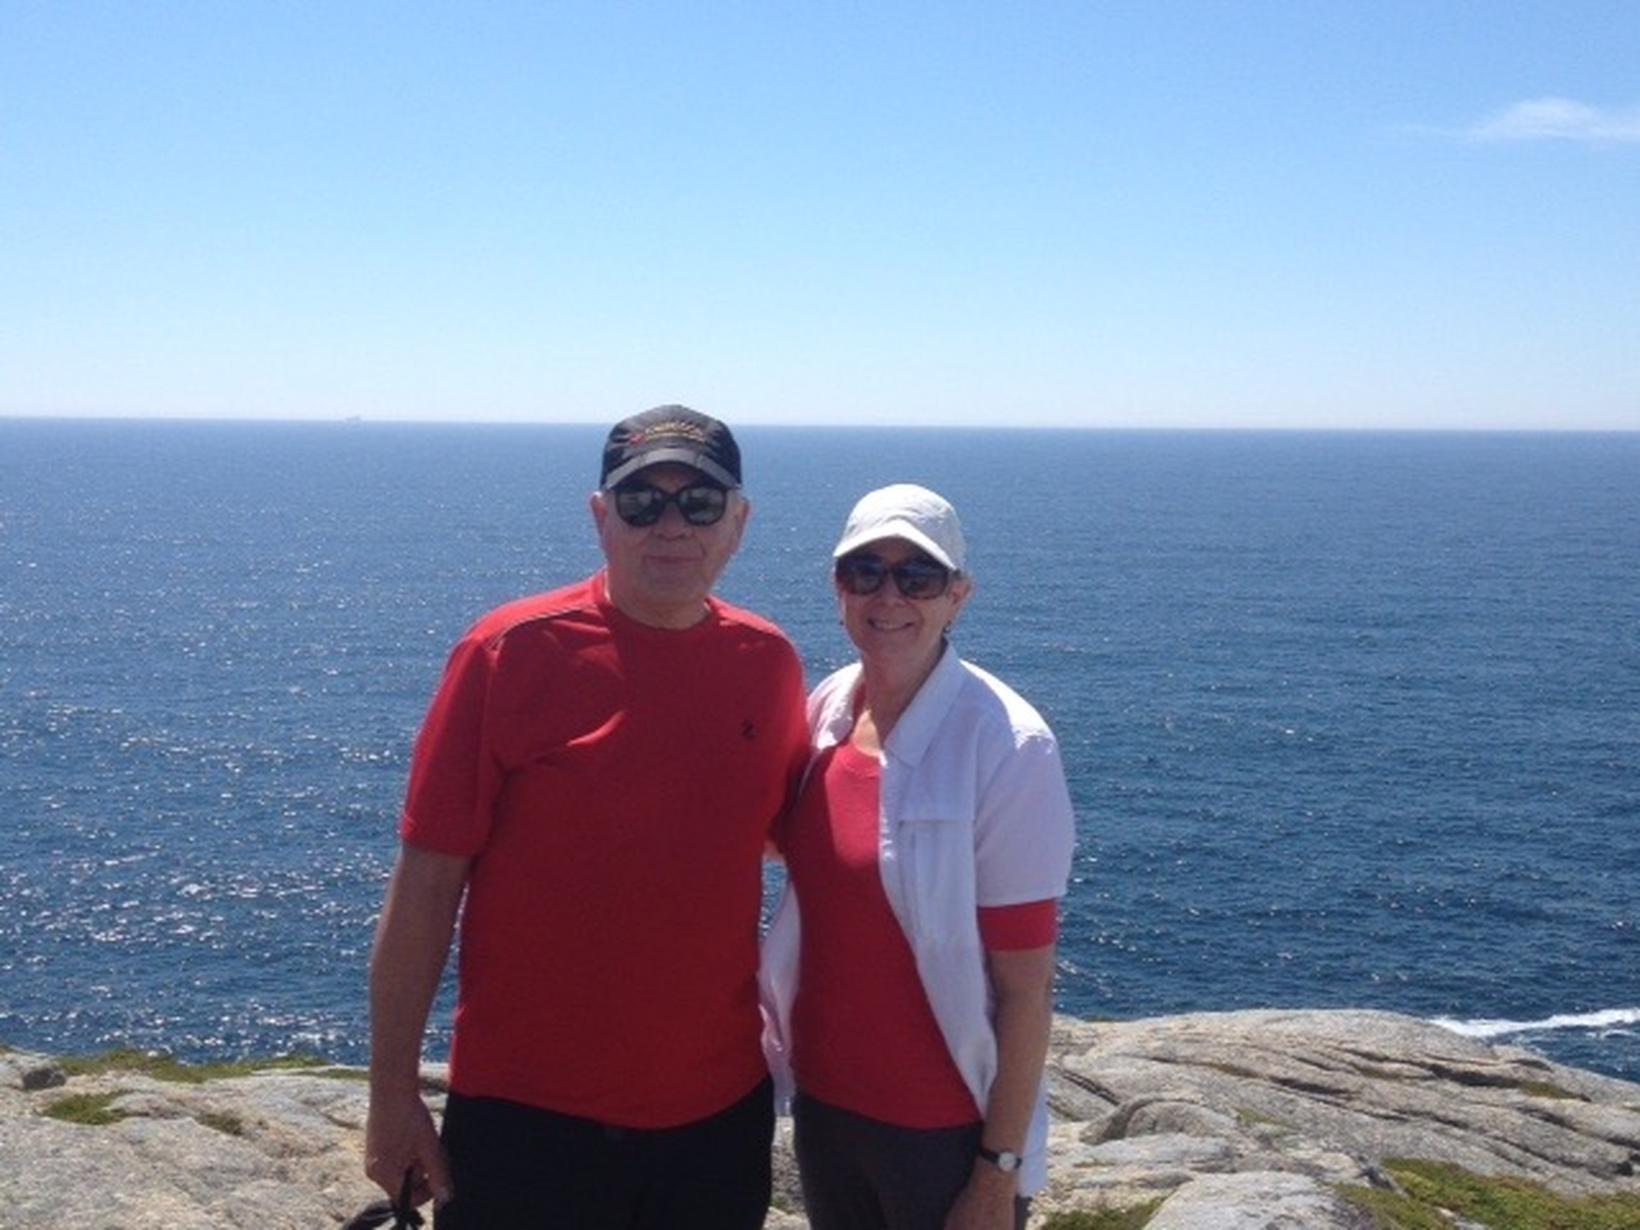 Derek & Suzanne from Halifax, Nova Scotia, Canada